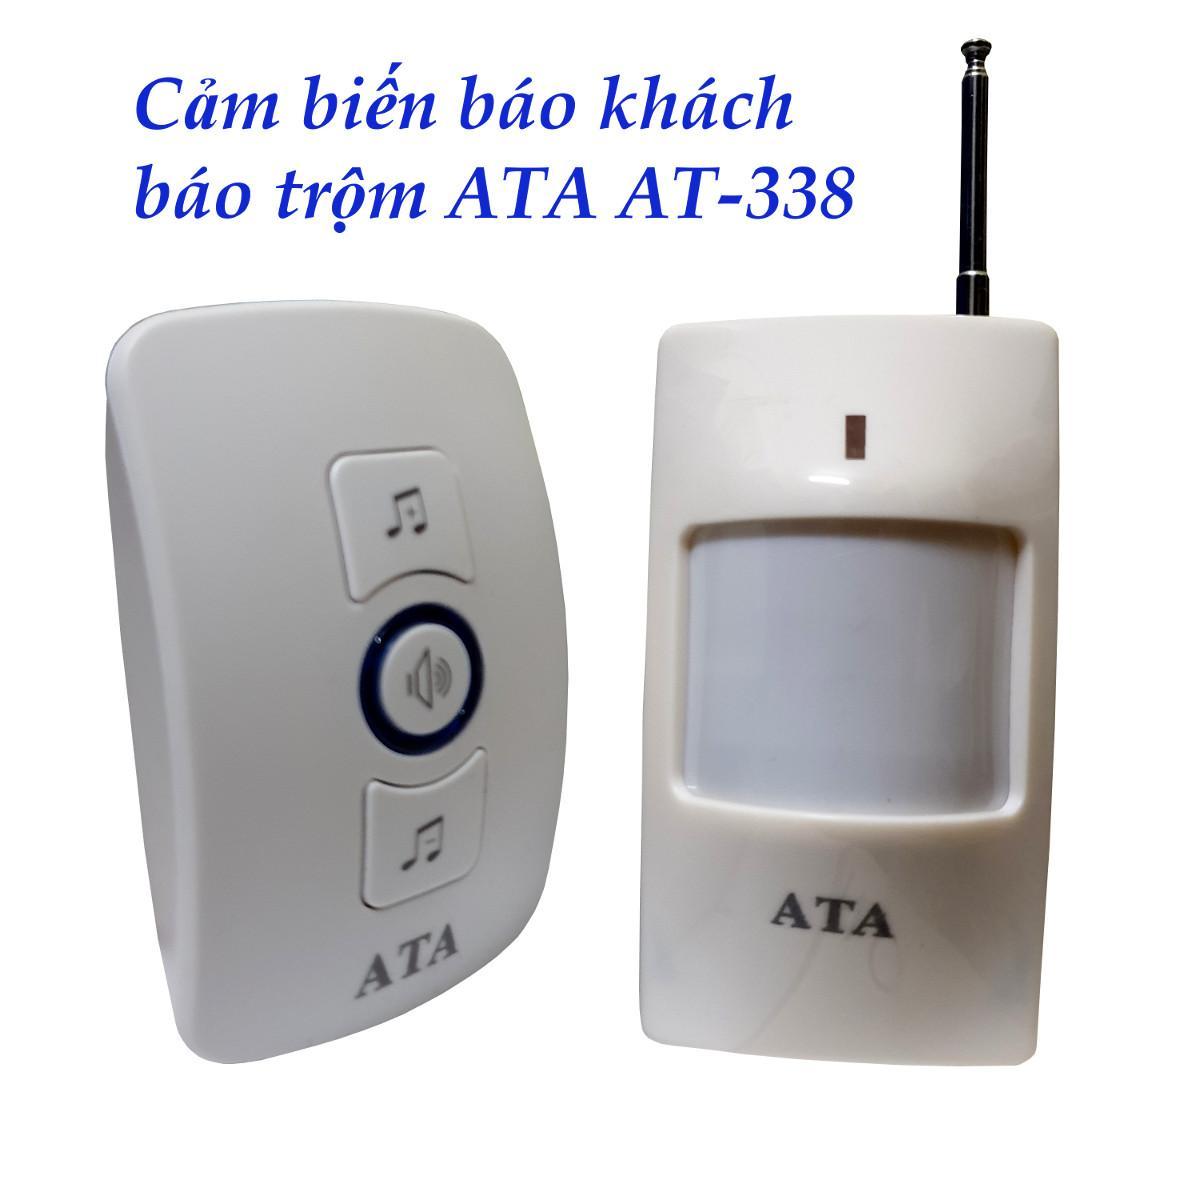 Chuông báo khách báo trộm AT-338 - Cảm biến hồng ngoại không dây tích hợp đa năng với chuông, cảm biến, nút nhấn, cửa từ.